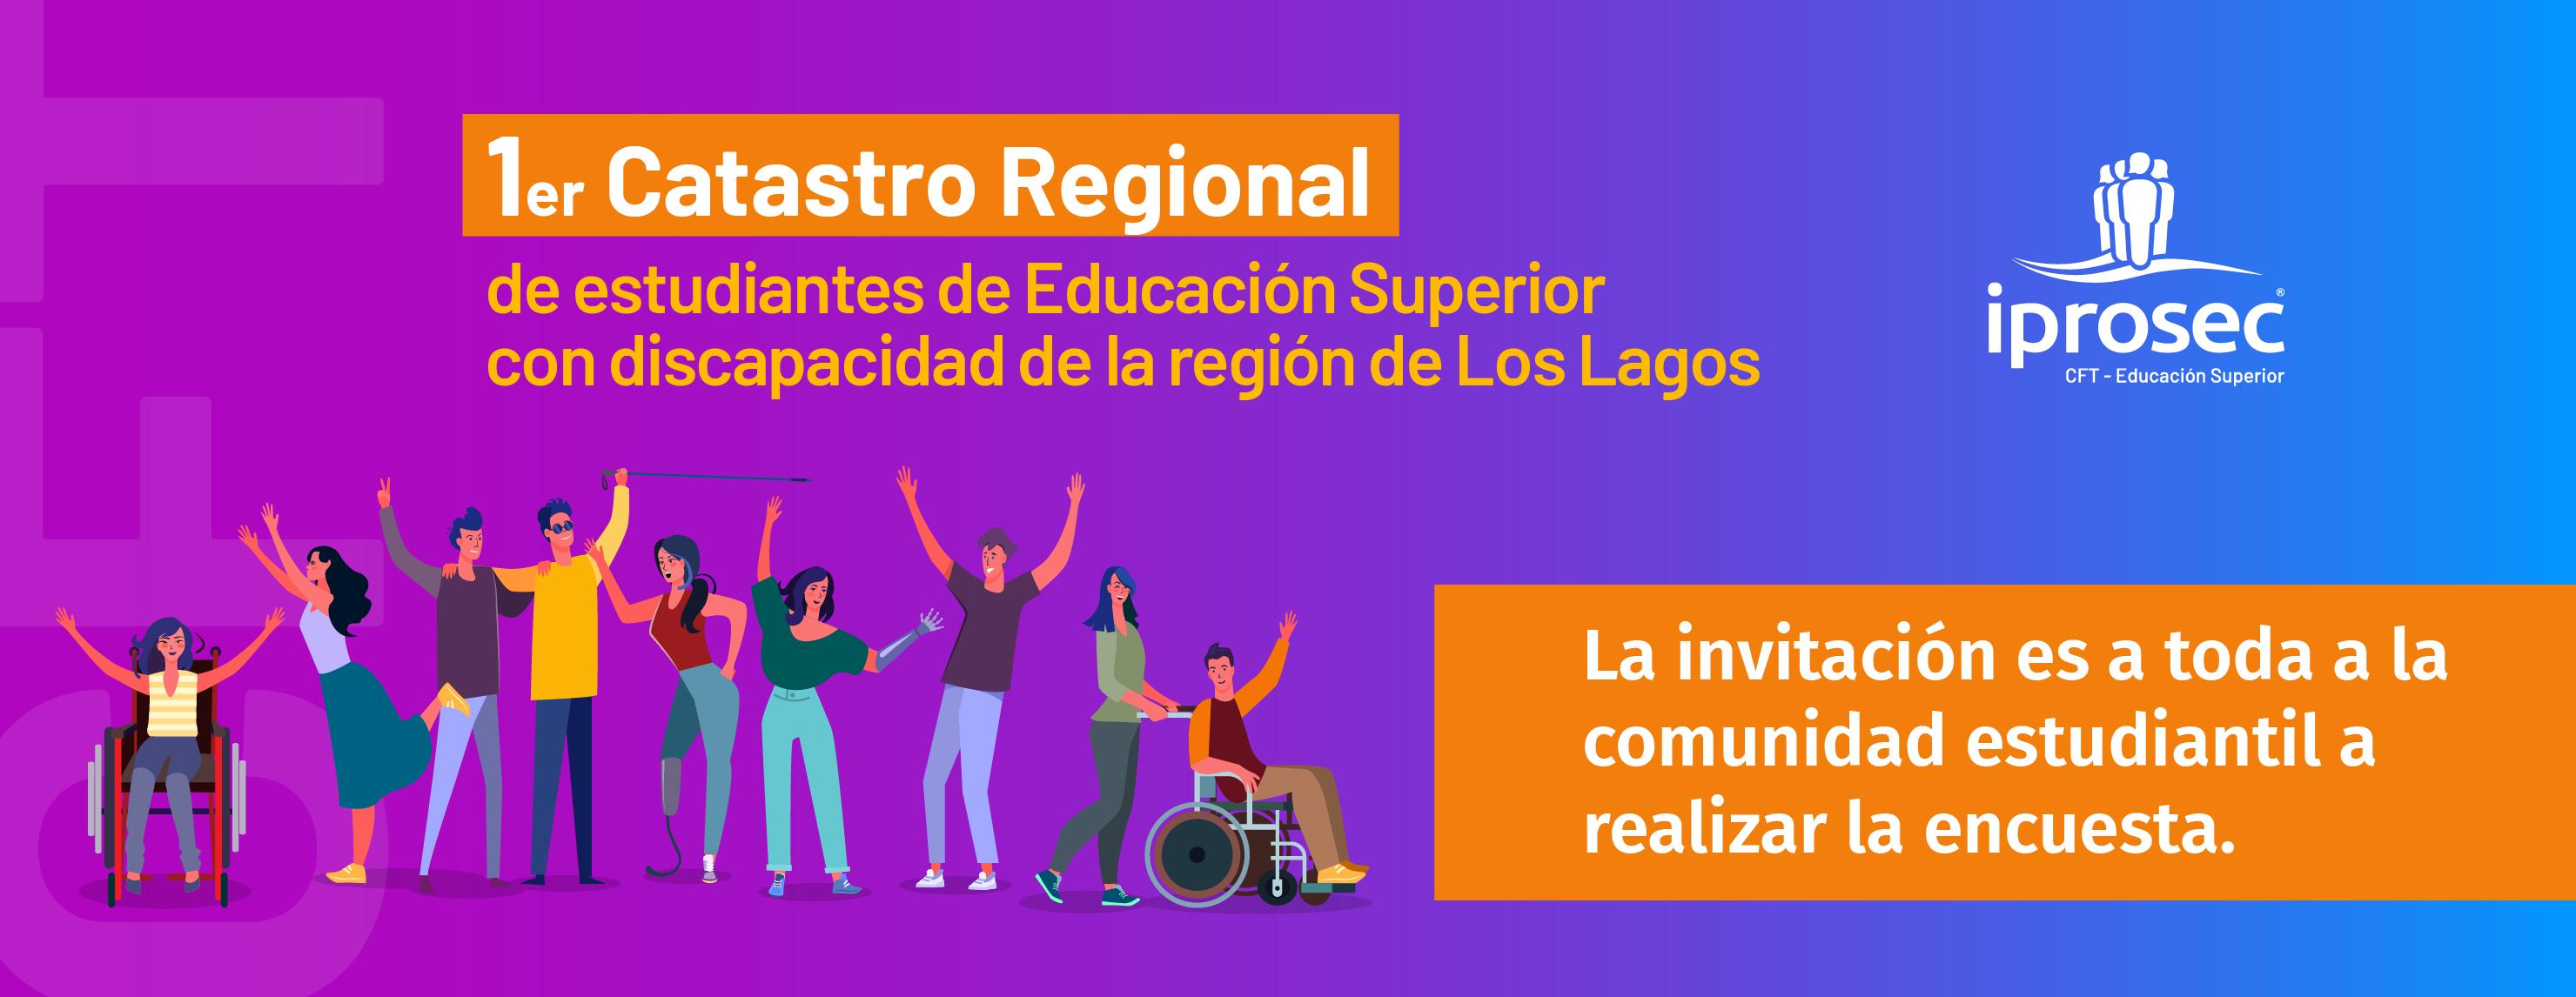 1er Catastro Regional de estudiantes de Educación Superior con discapacidad